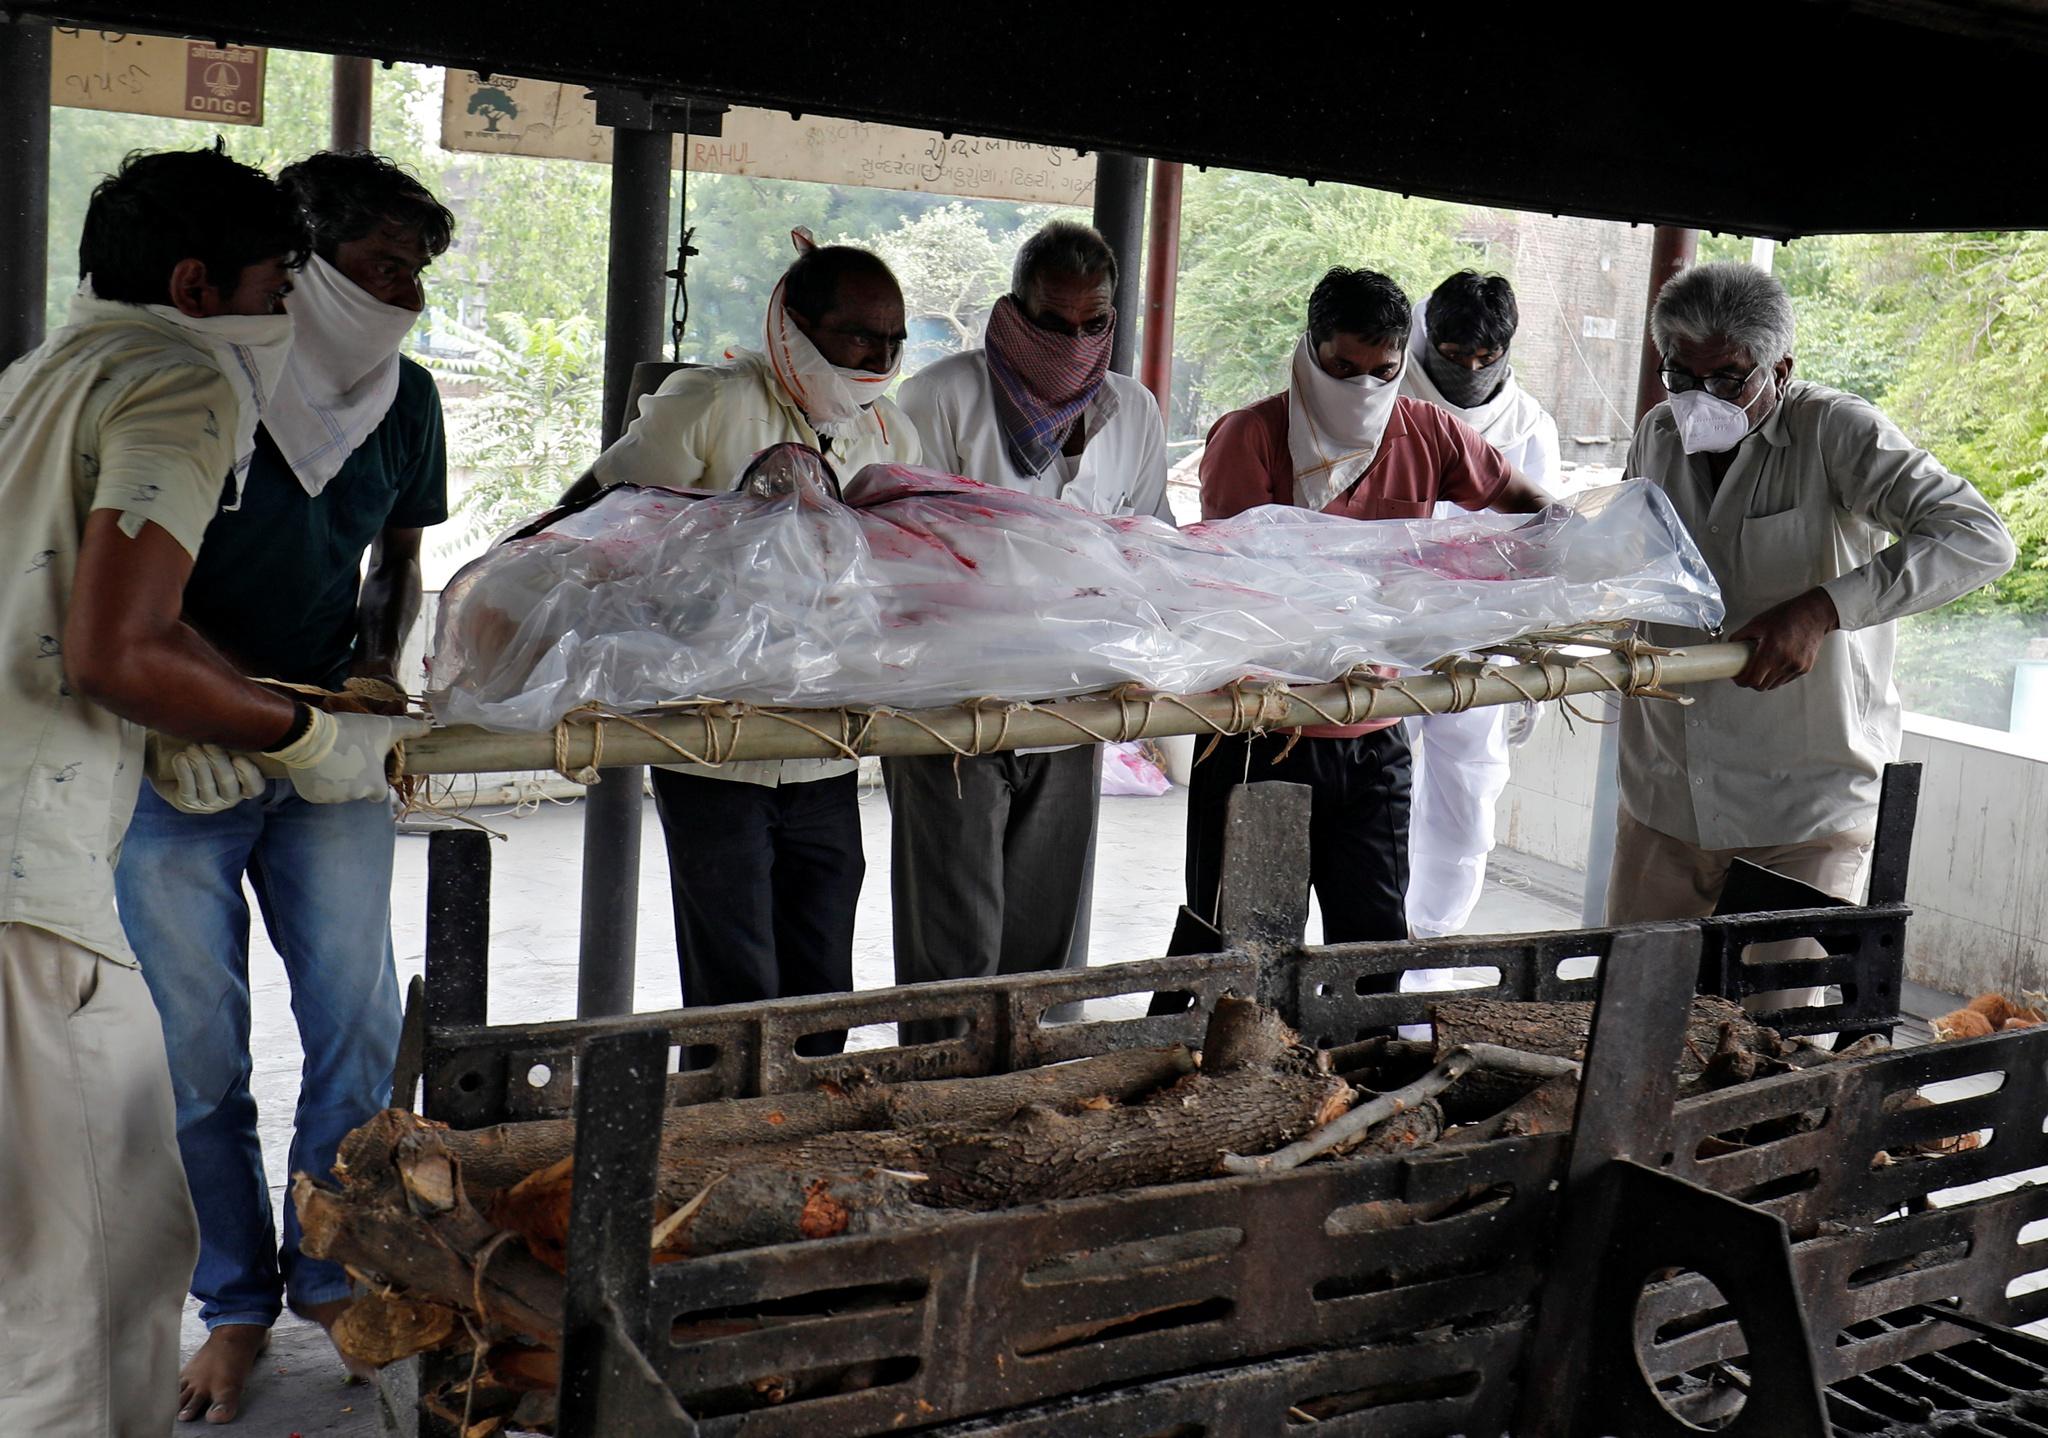 Một số người chuẩn bị hỏa táng người thân chết vì Covid-19 ở thành phố Ahmedabad, Ấn Độ ngày 10.6 /// Reuters